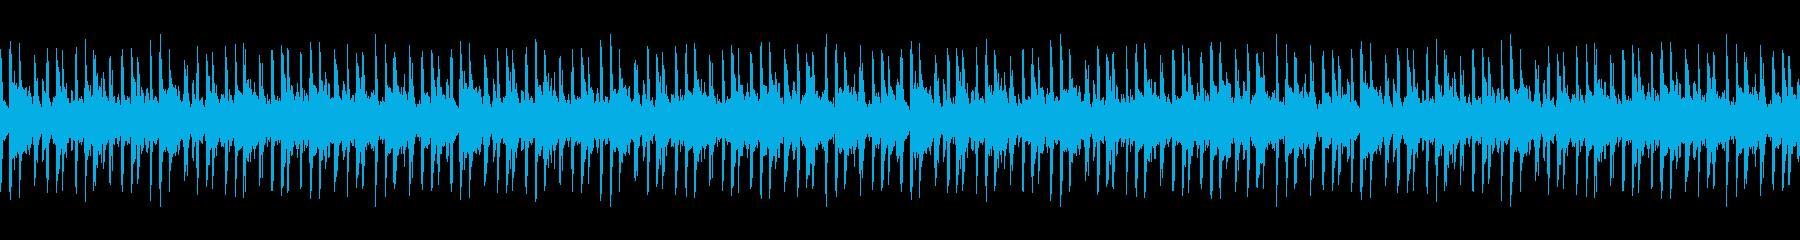 【汎用性高/キラキラなギターアルペジオ】の再生済みの波形